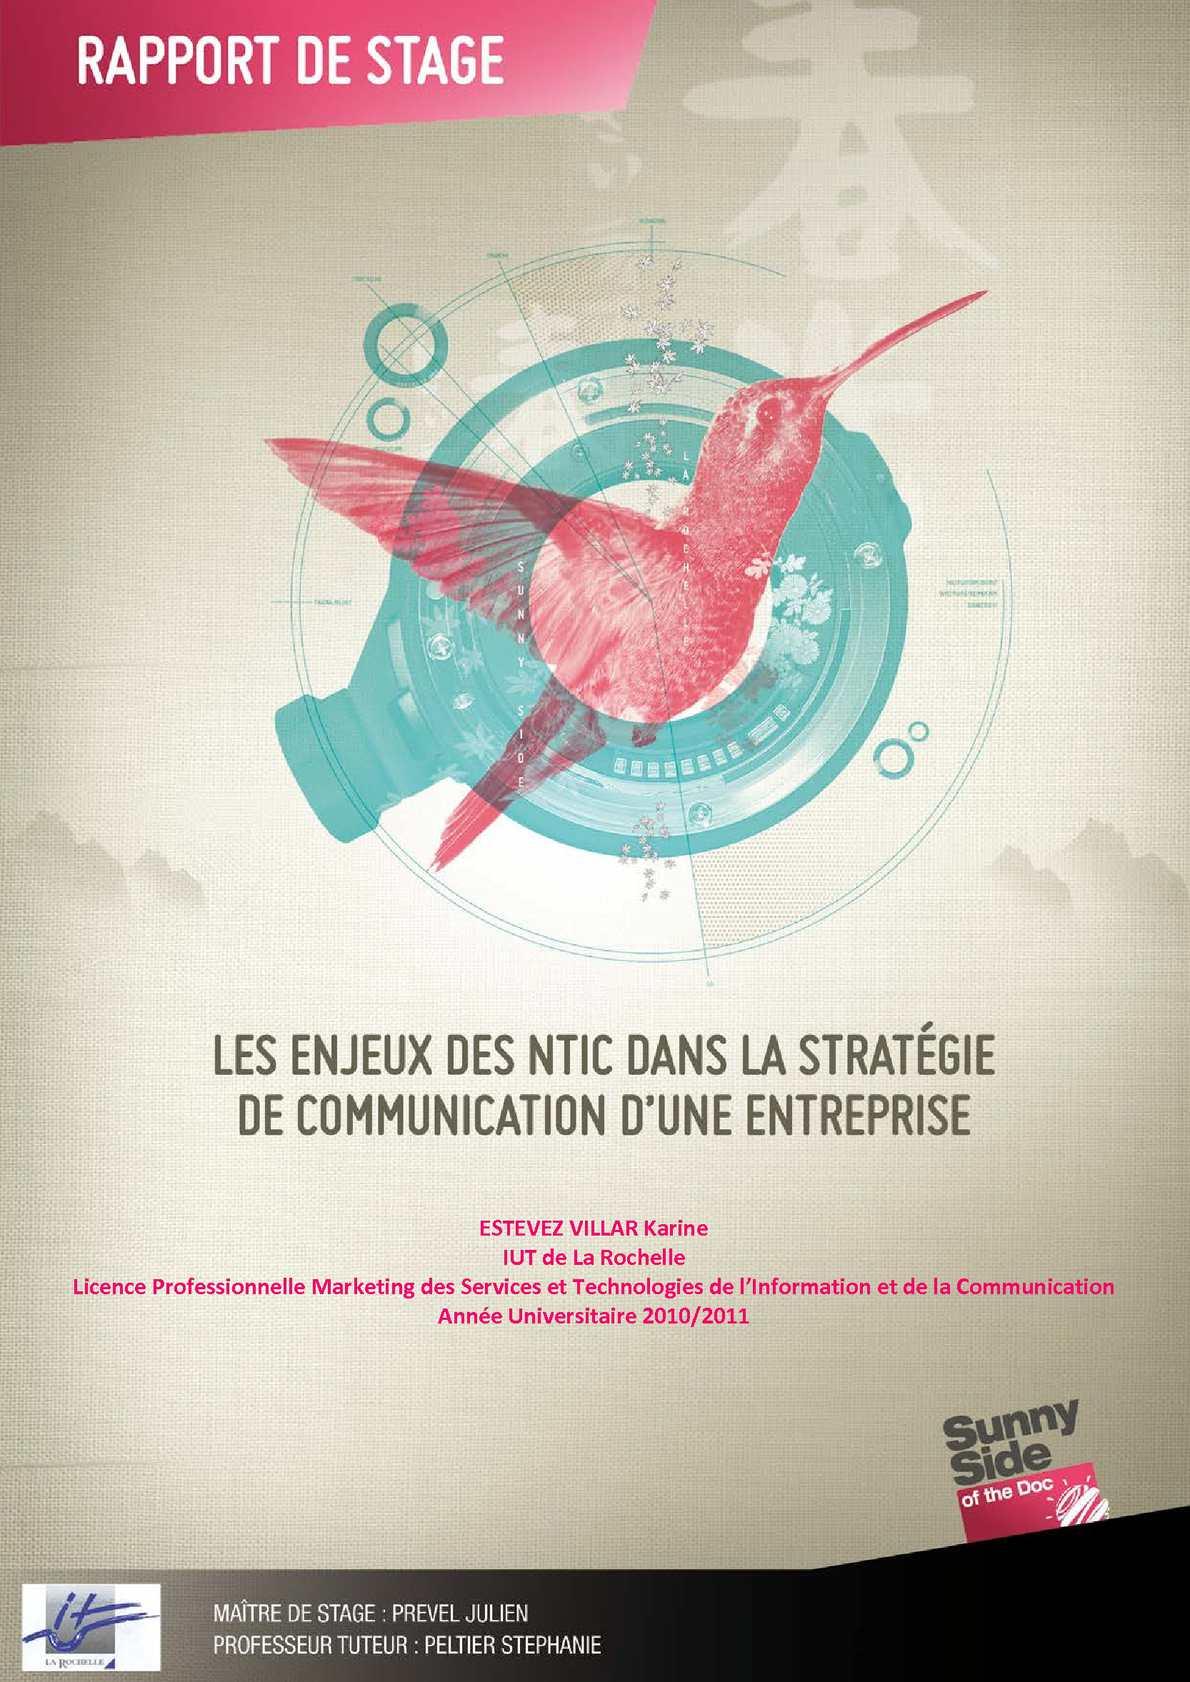 Enjeux des NTIC dans la stratégie de communication d'une entreprise